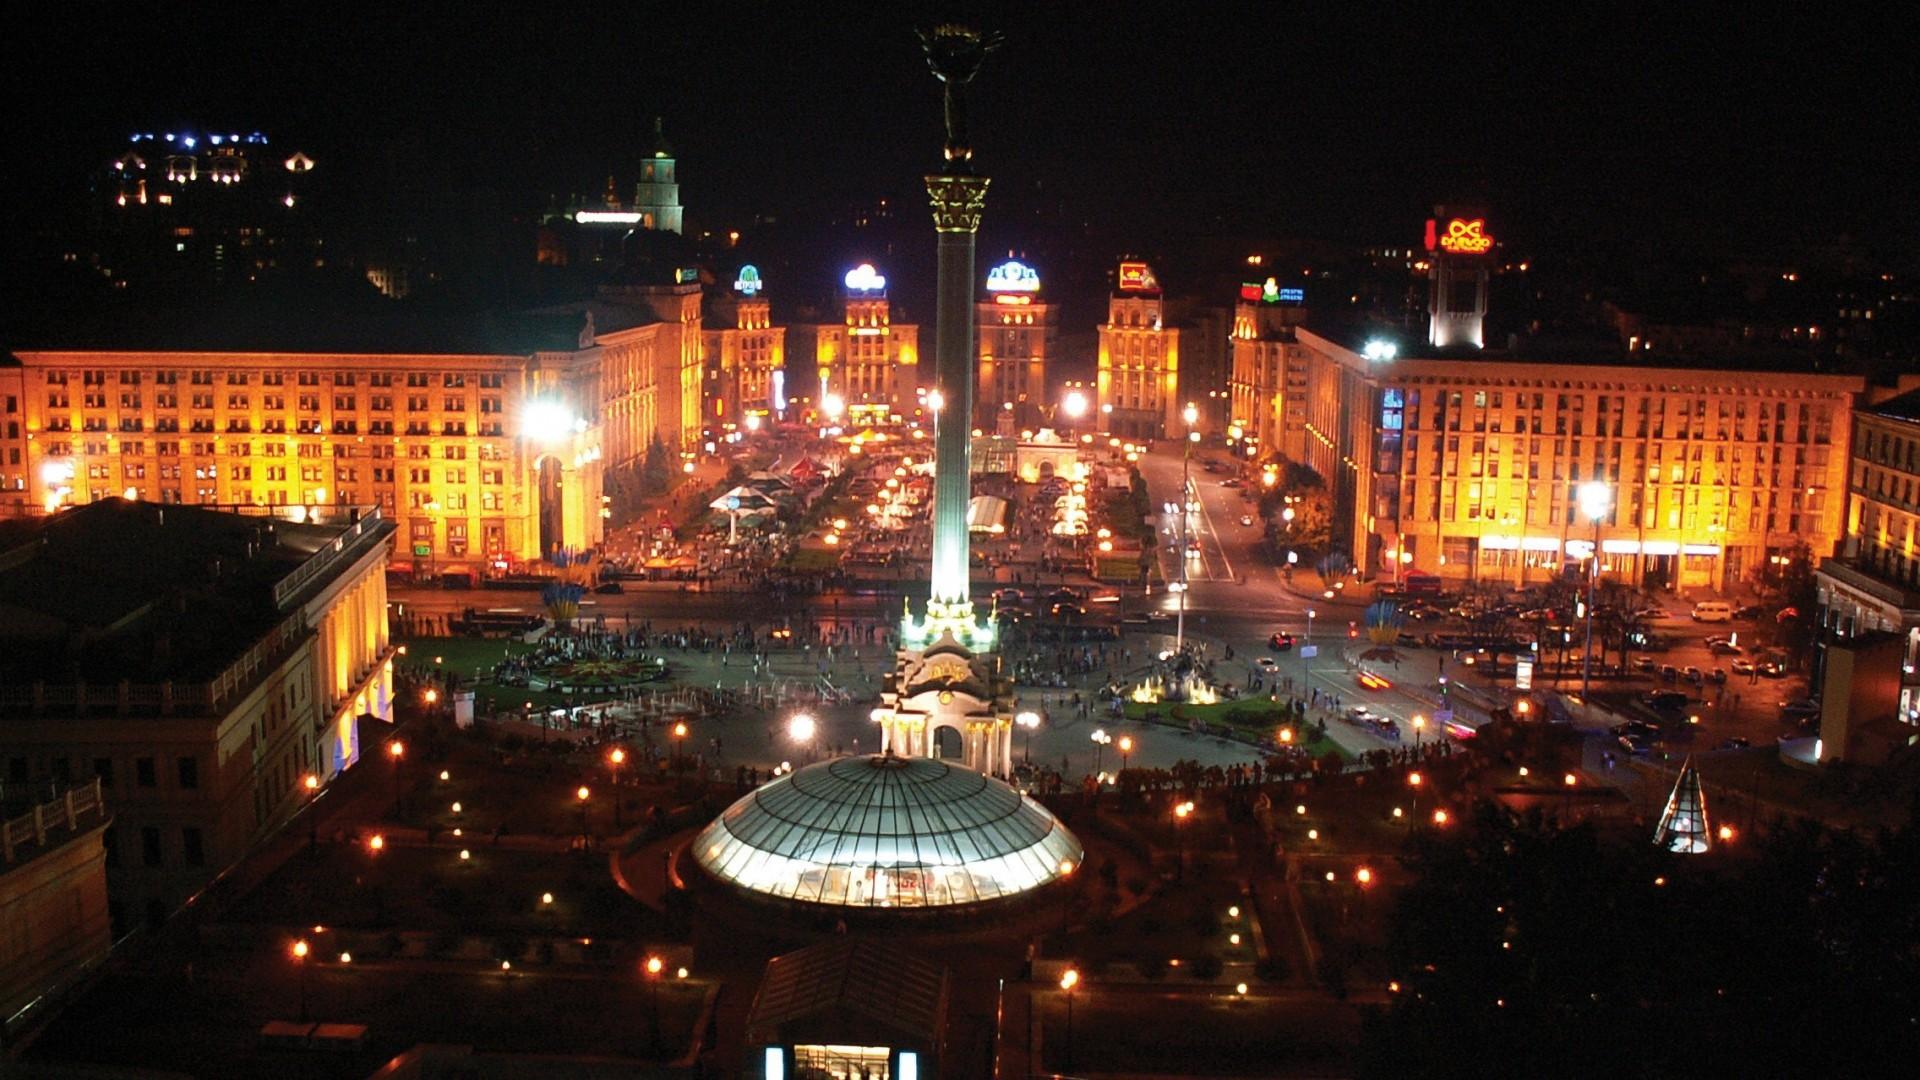 отель украина фотки города вот